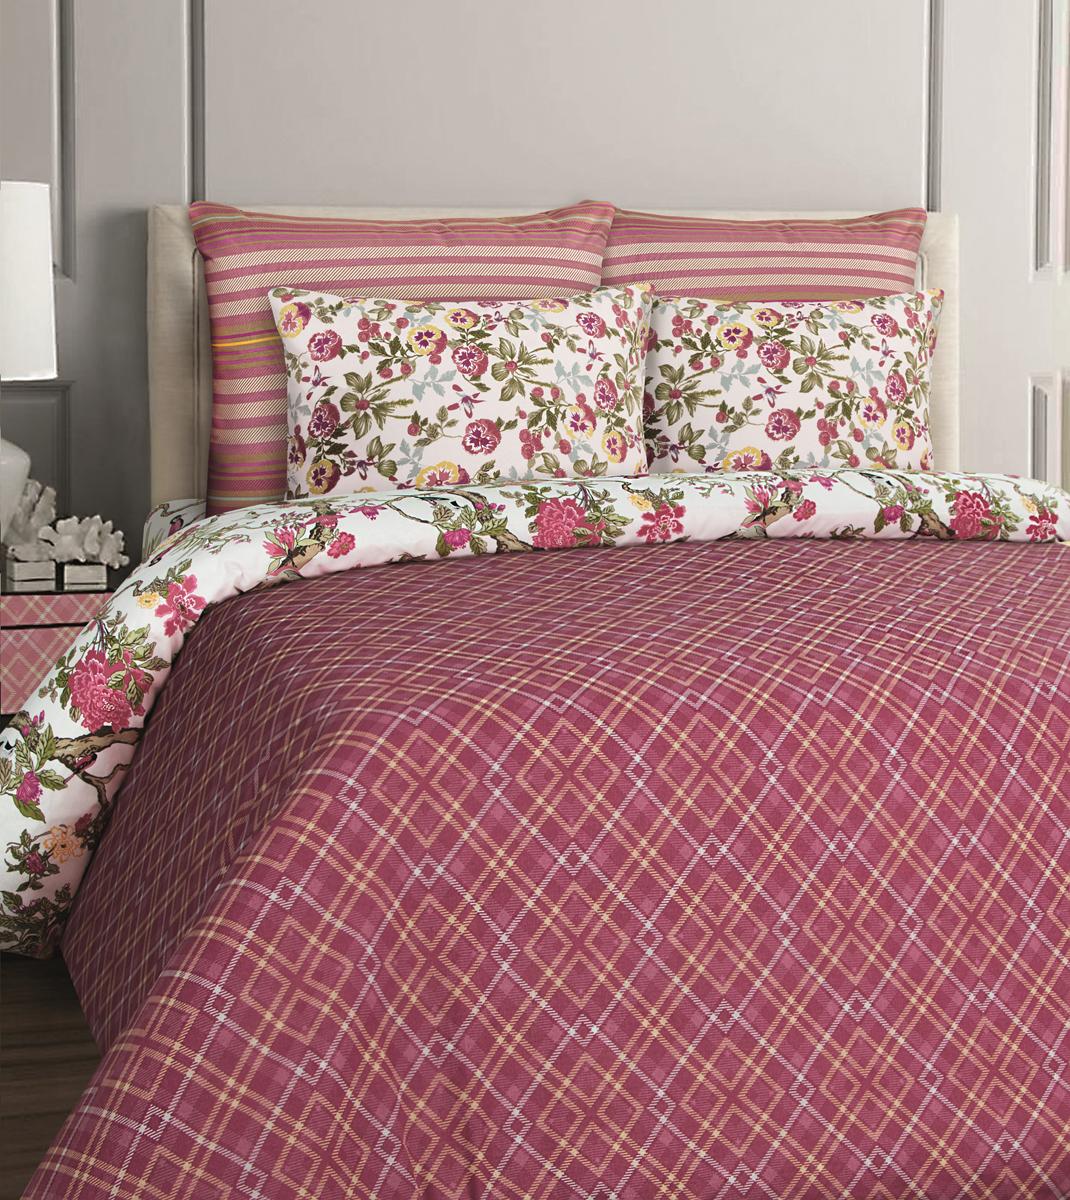 Комплект белья Mona Liza British Bristol, 1,5-спальный, наволочки 70x70. 551114-67 british banking